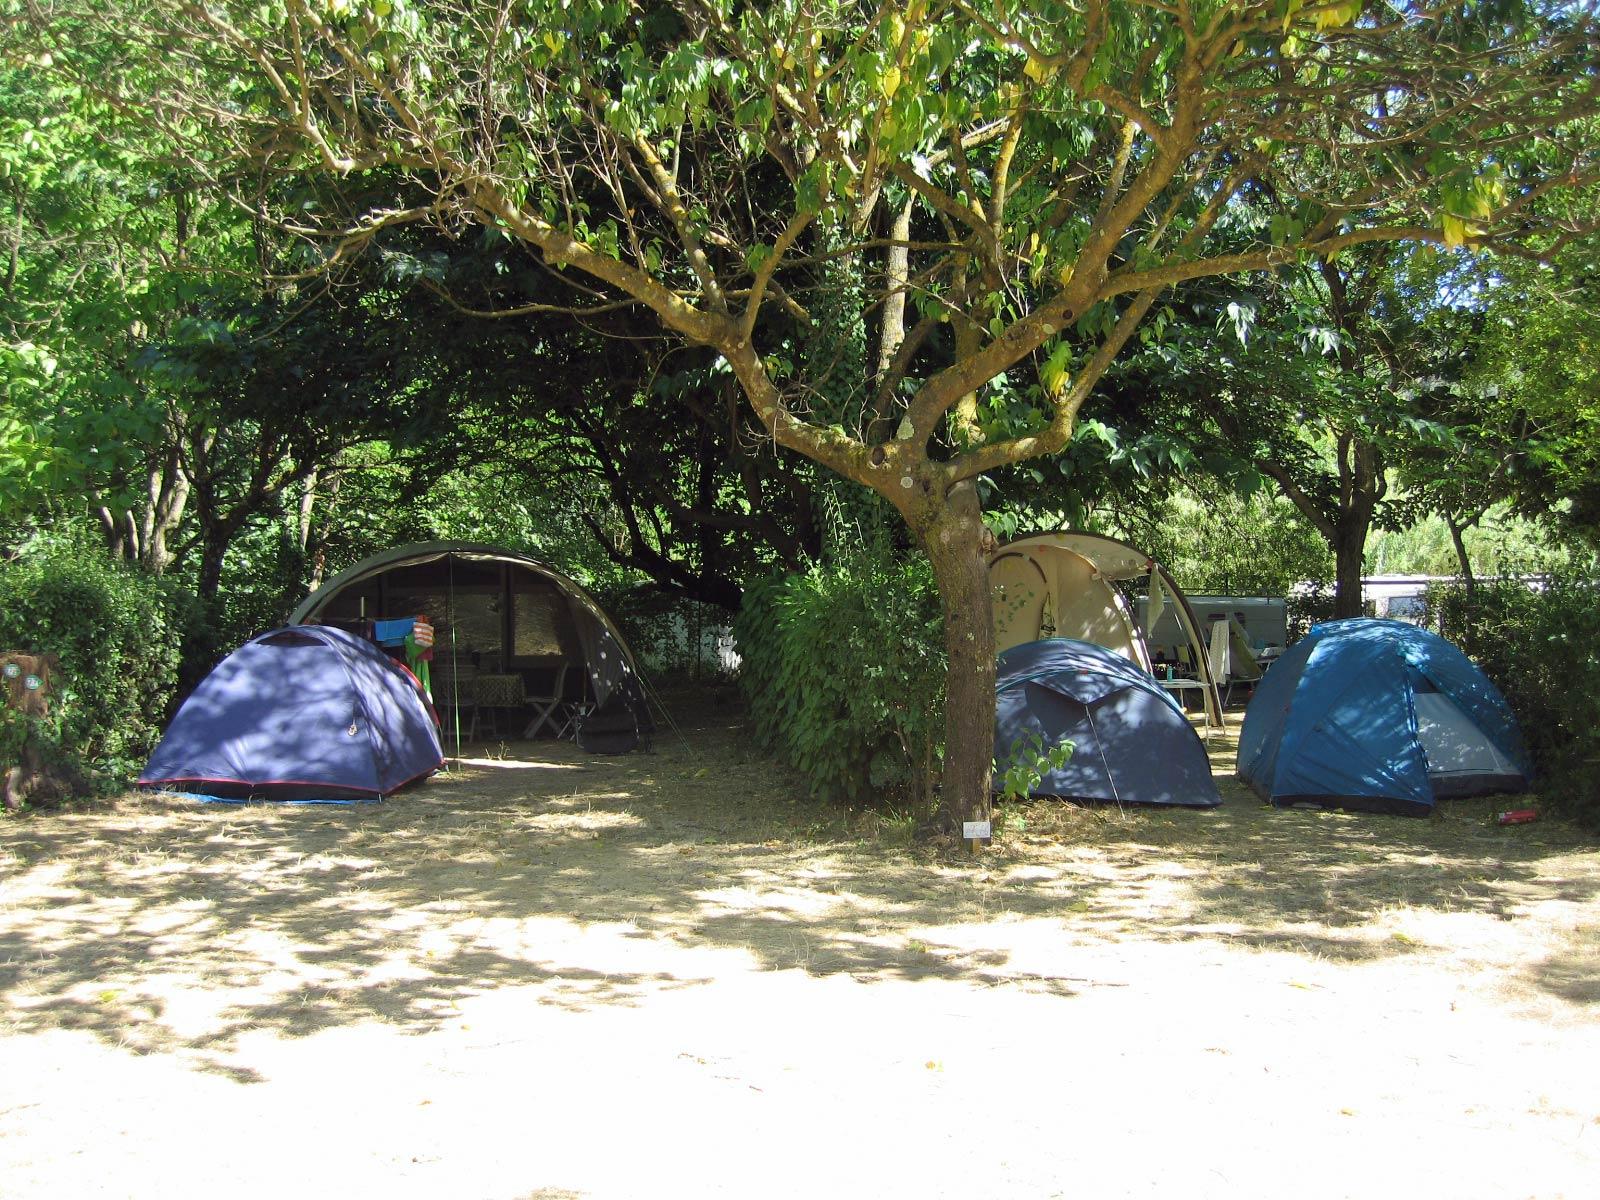 Emplacement - Forfait Confort (1 Tente, Caravane Ou Camping-Car / 1 Voiture / Électricité 10A) + Wifi Gratuit - Camping Les Tomasses